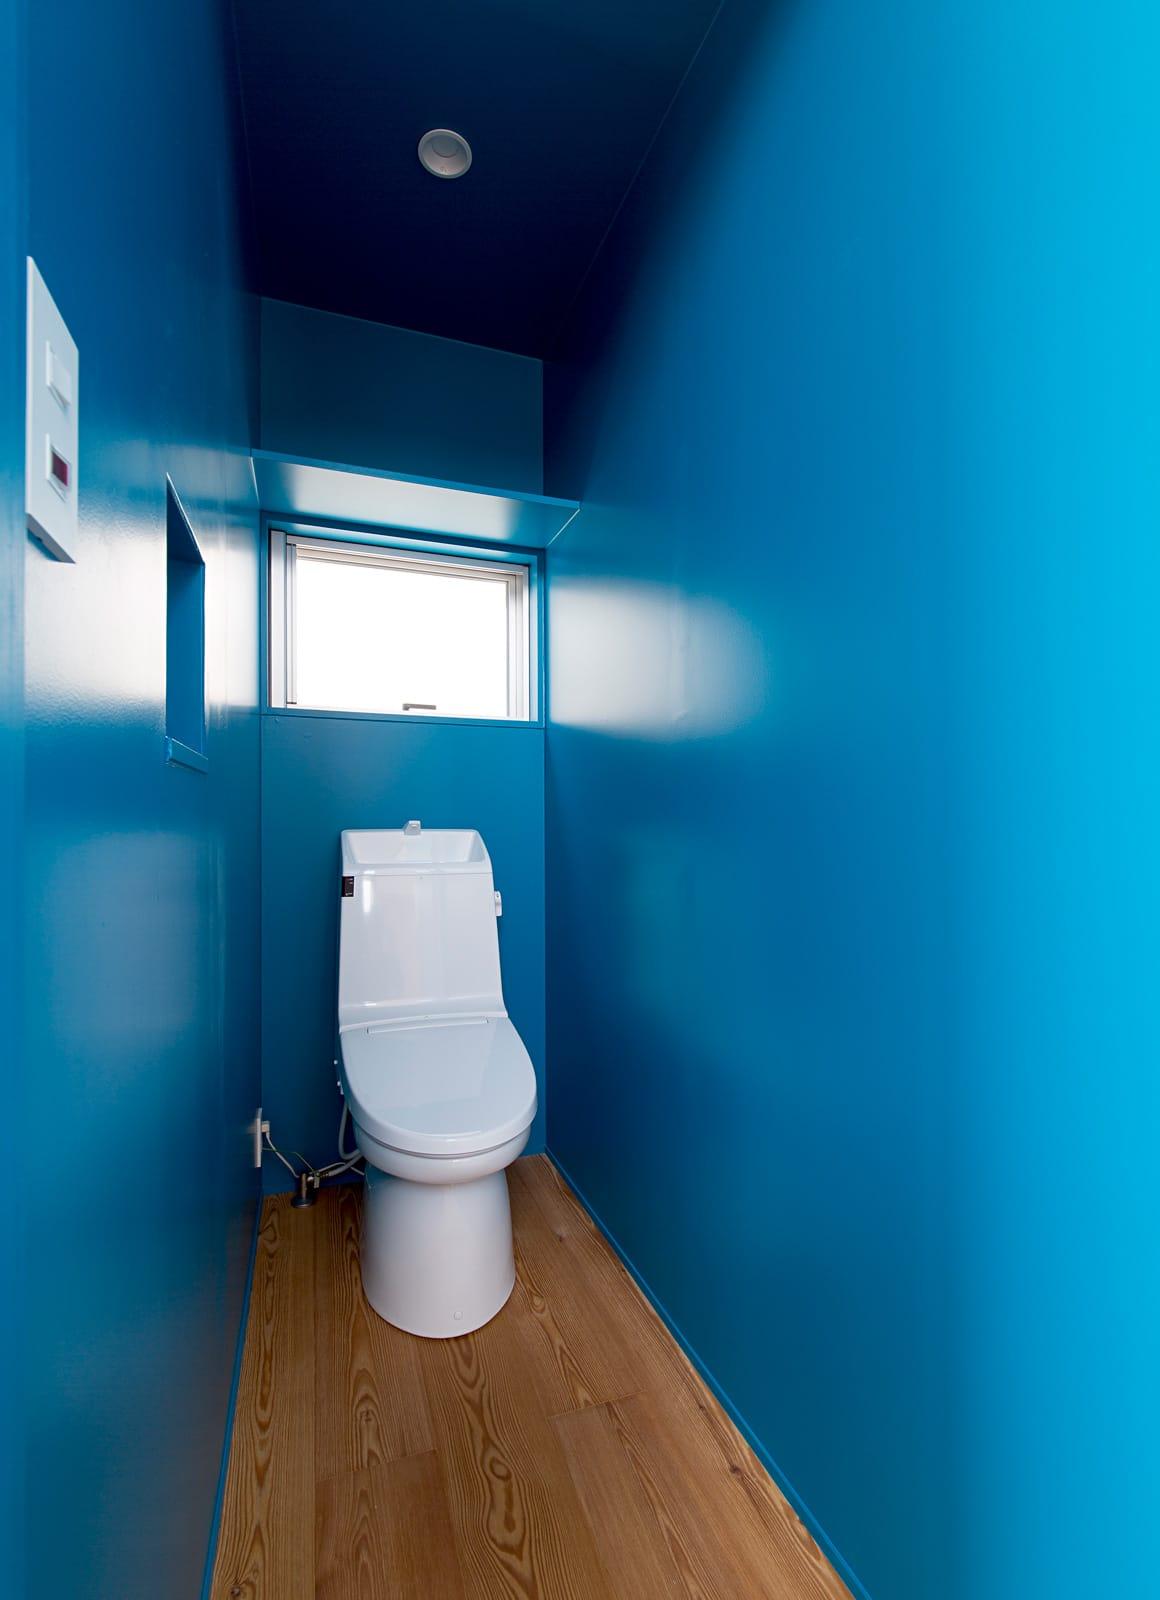 開放的なスキップフロア住宅のトイレ1